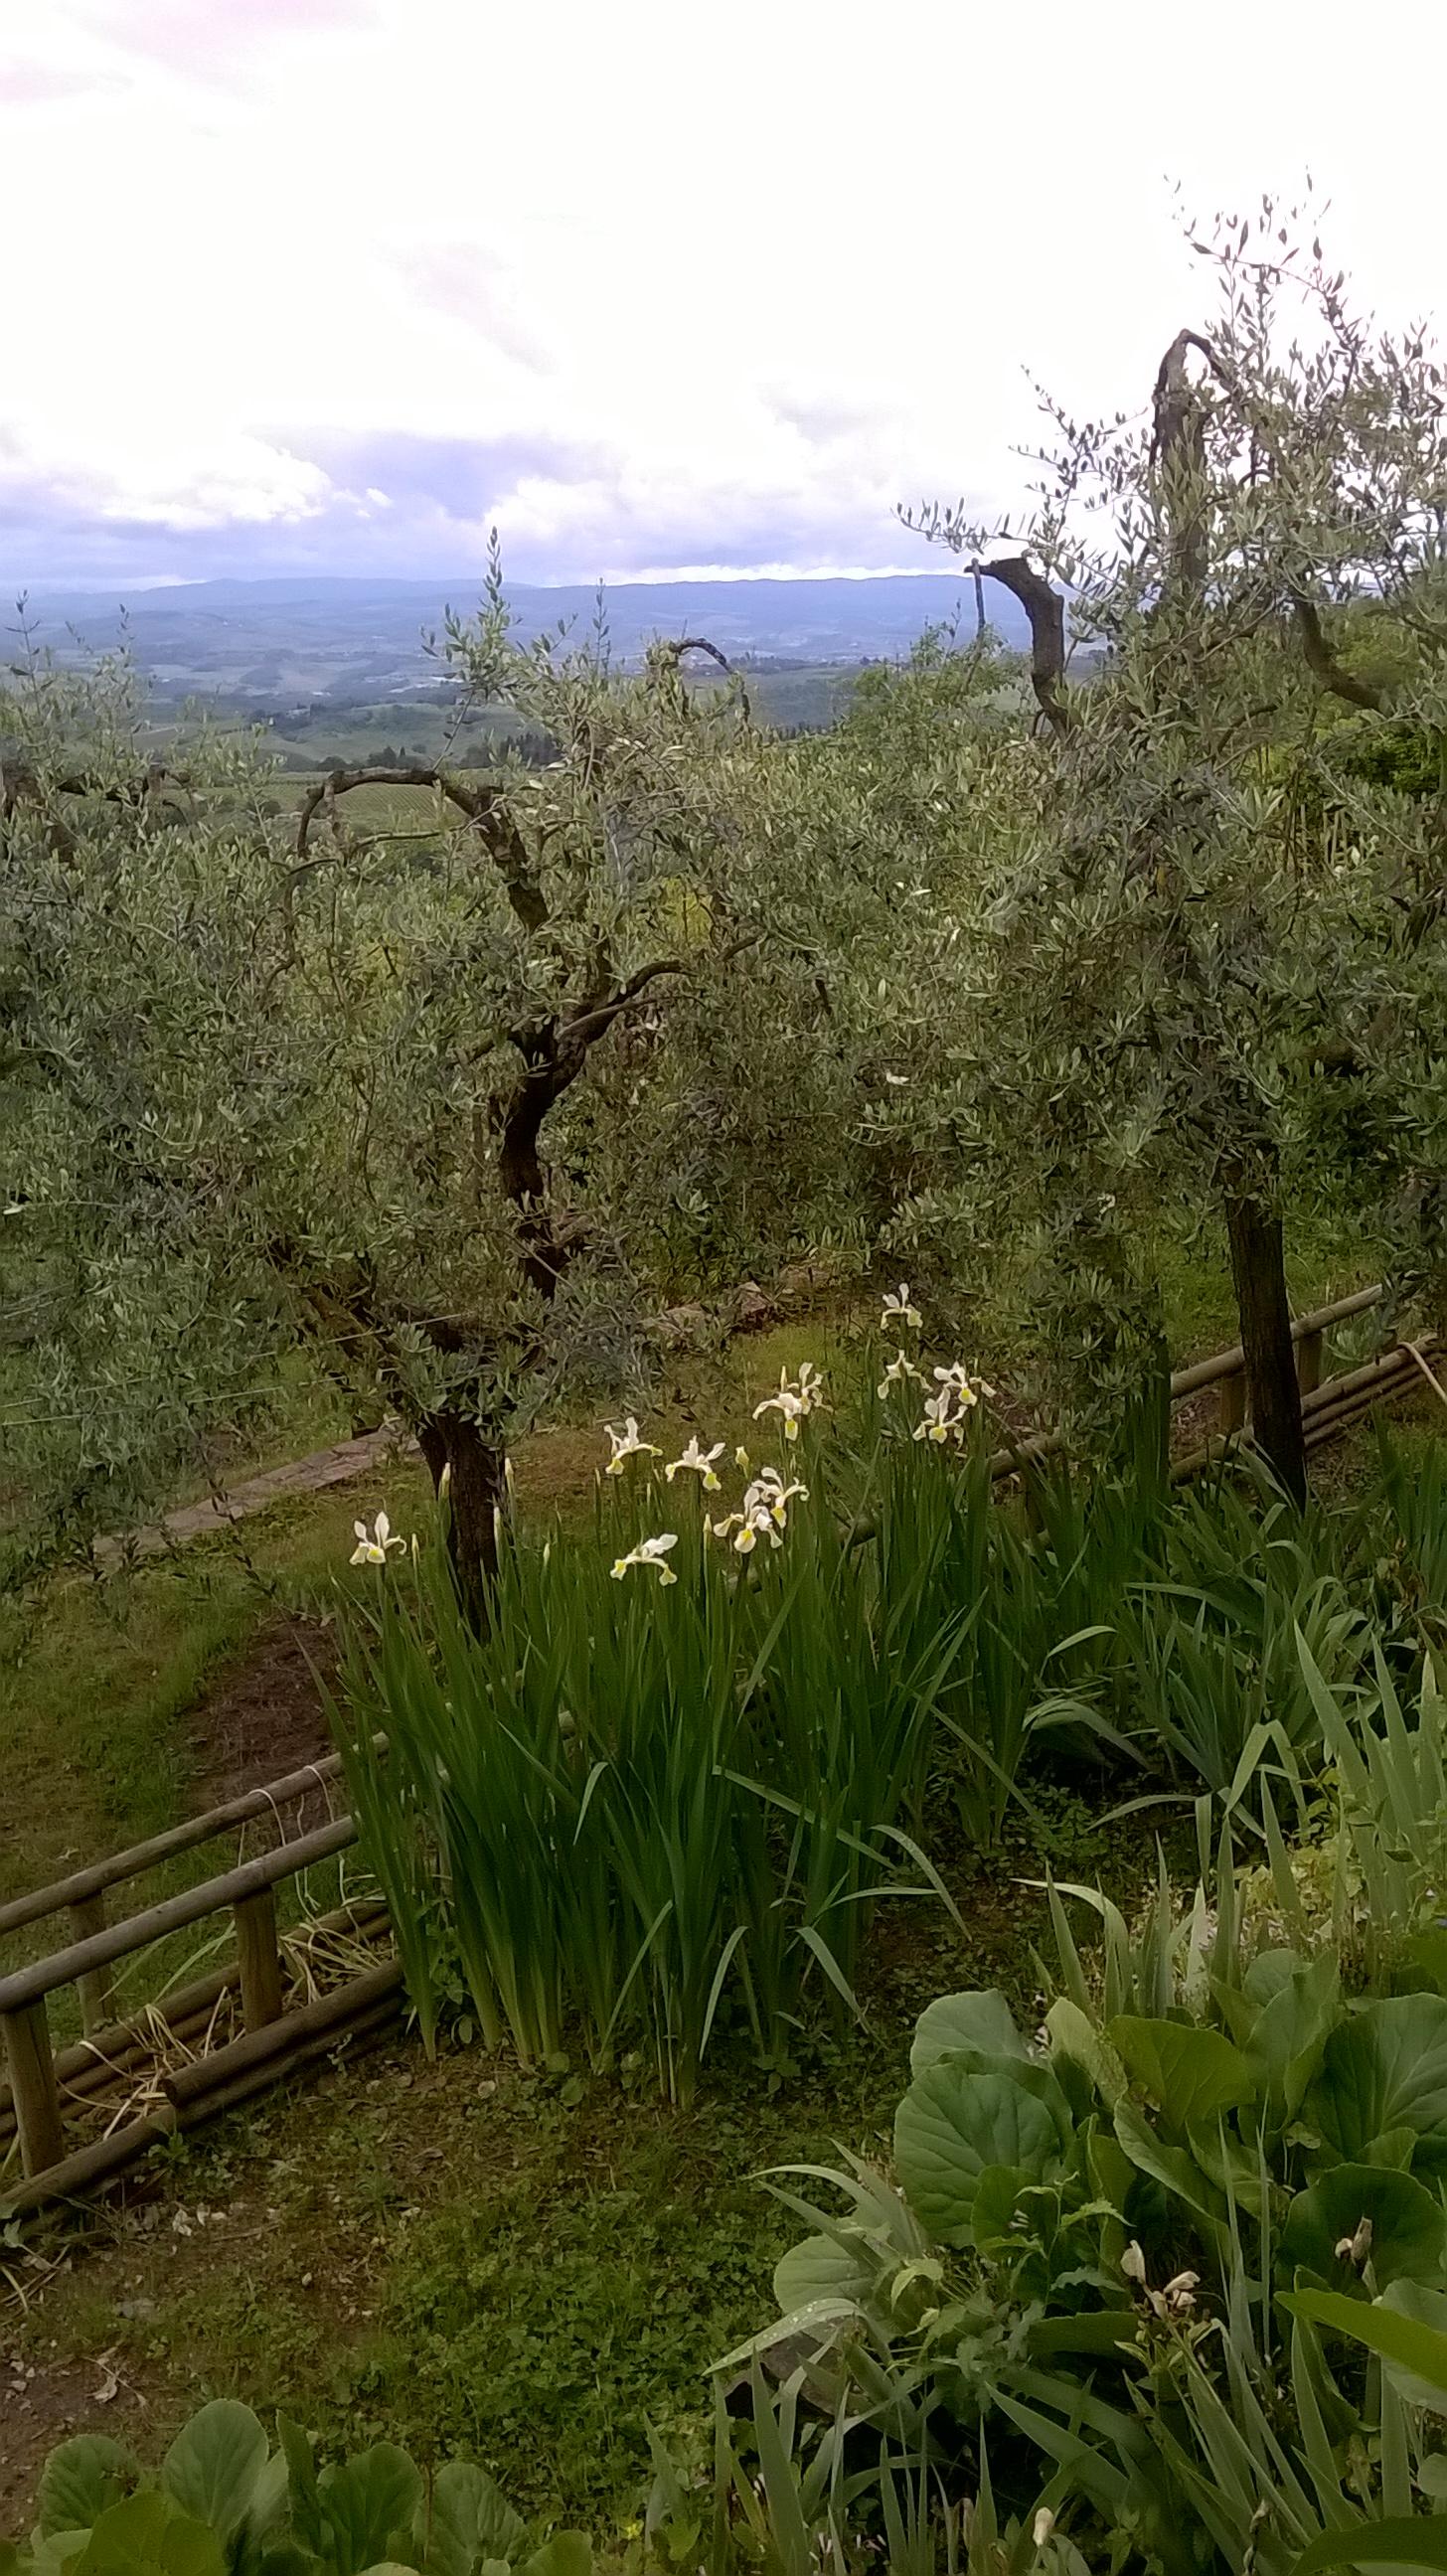 I nostri olivi e vista tra le colline.